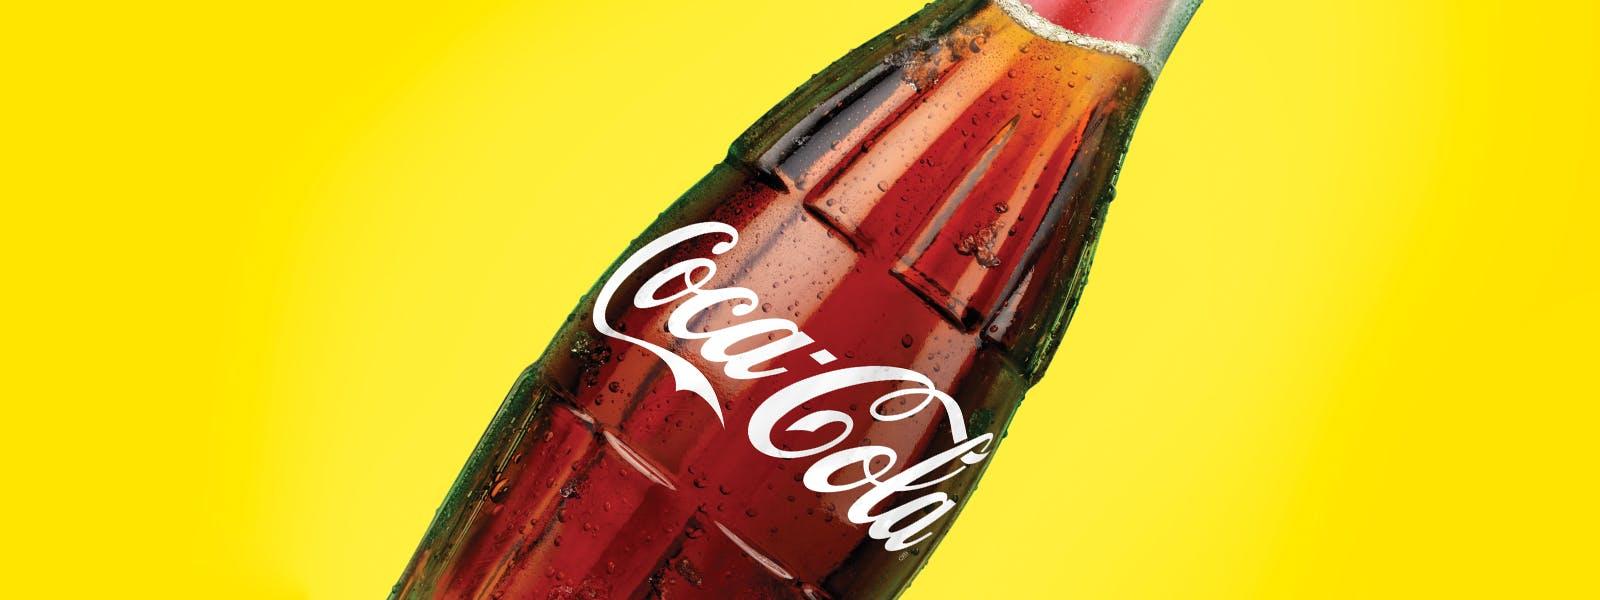 Coca-Cola masthead 13 3 15